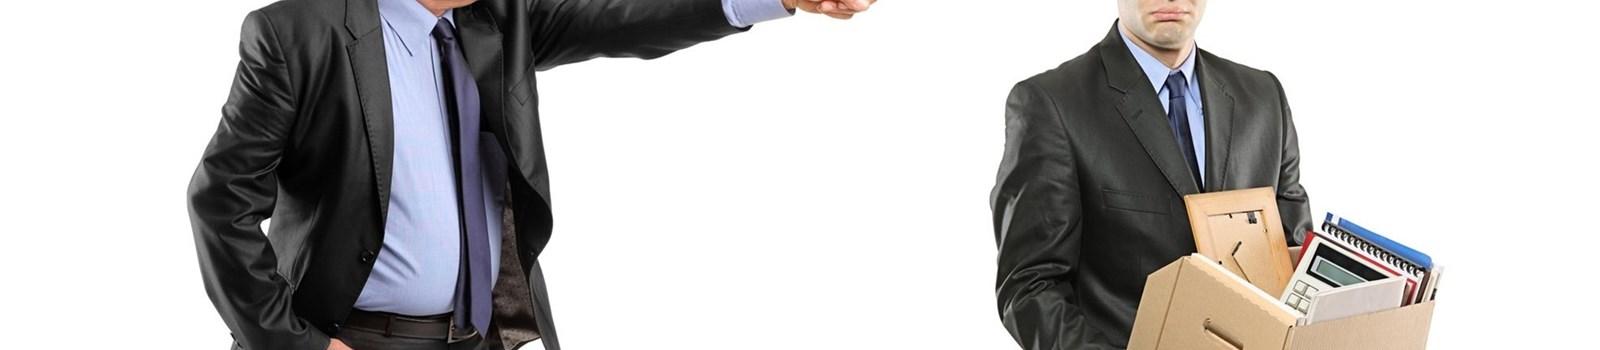 ERE de empresa: causas necesarias para su justificación